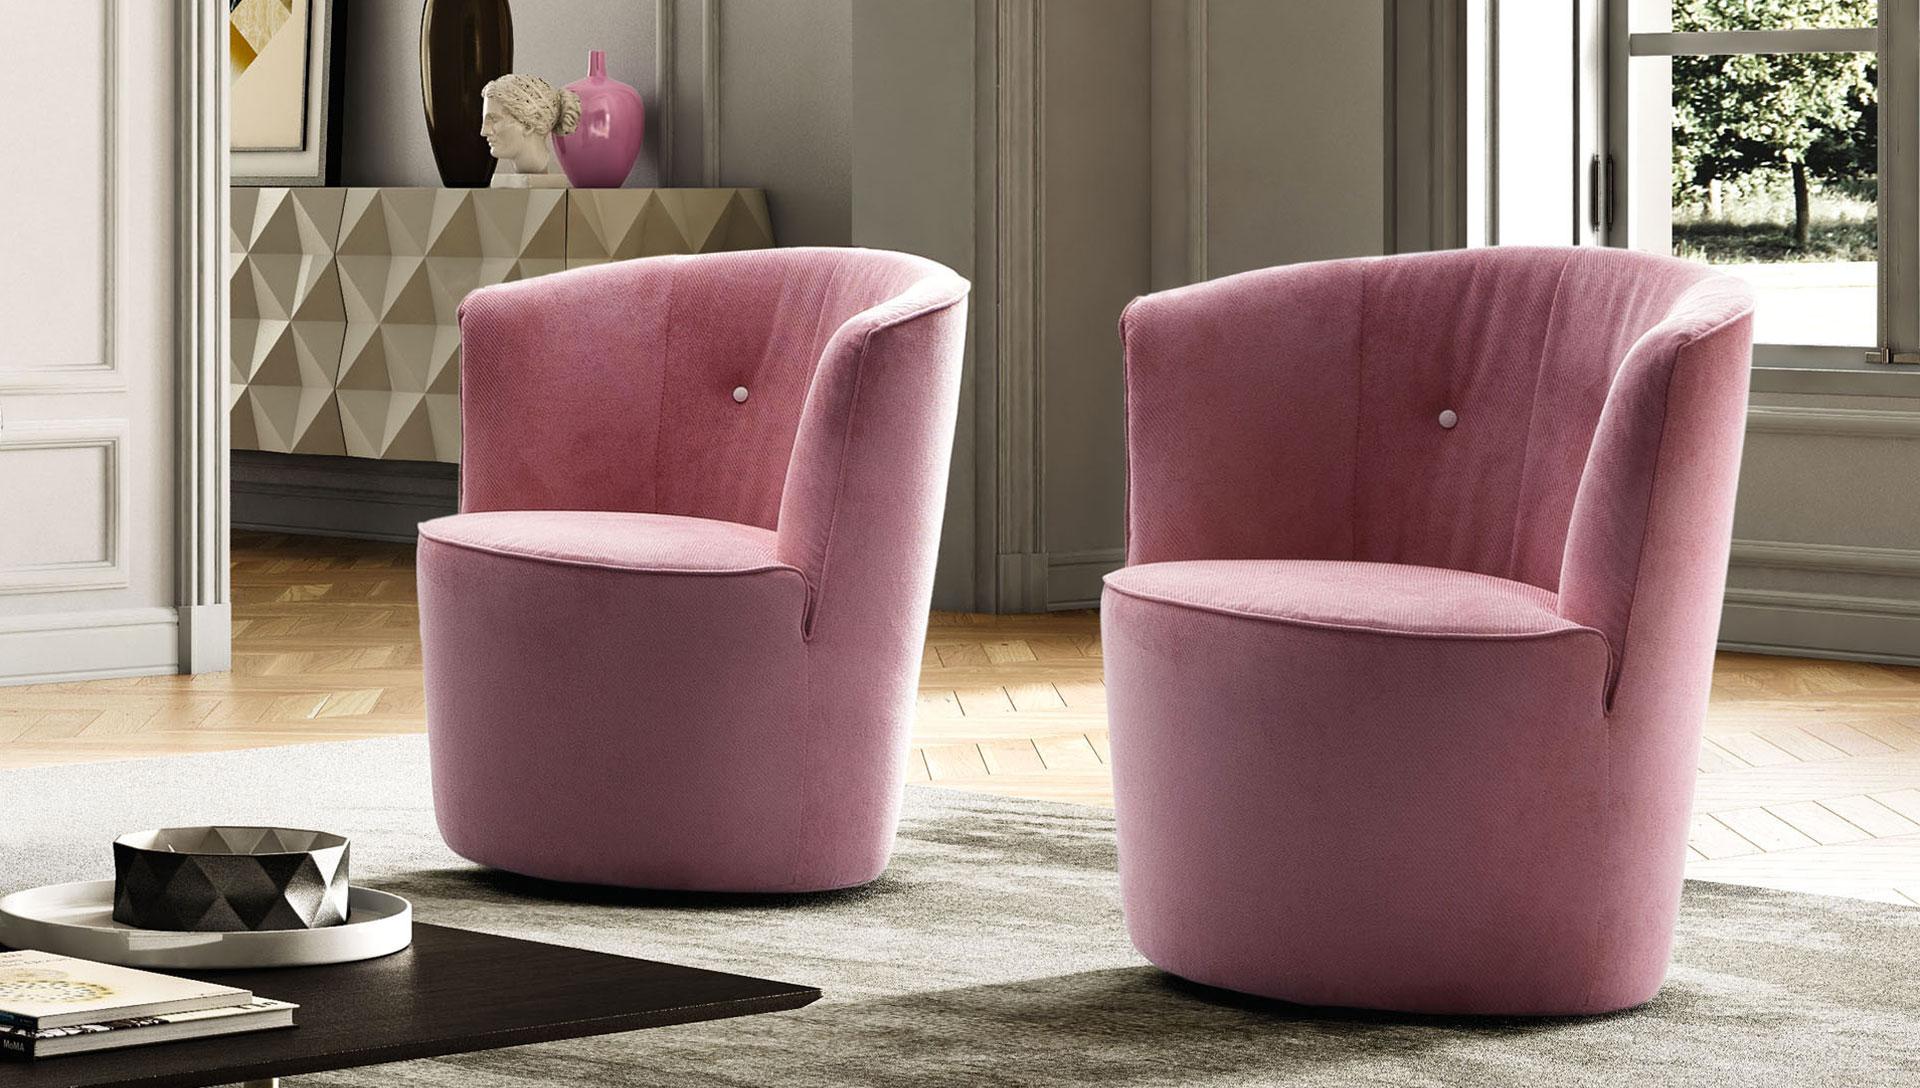 poltrone-2-arredamenti-comodus-arredamenti-nicoletti-interni-interior-design-divani-complementi-arredo-mobili-design-accessori-matera